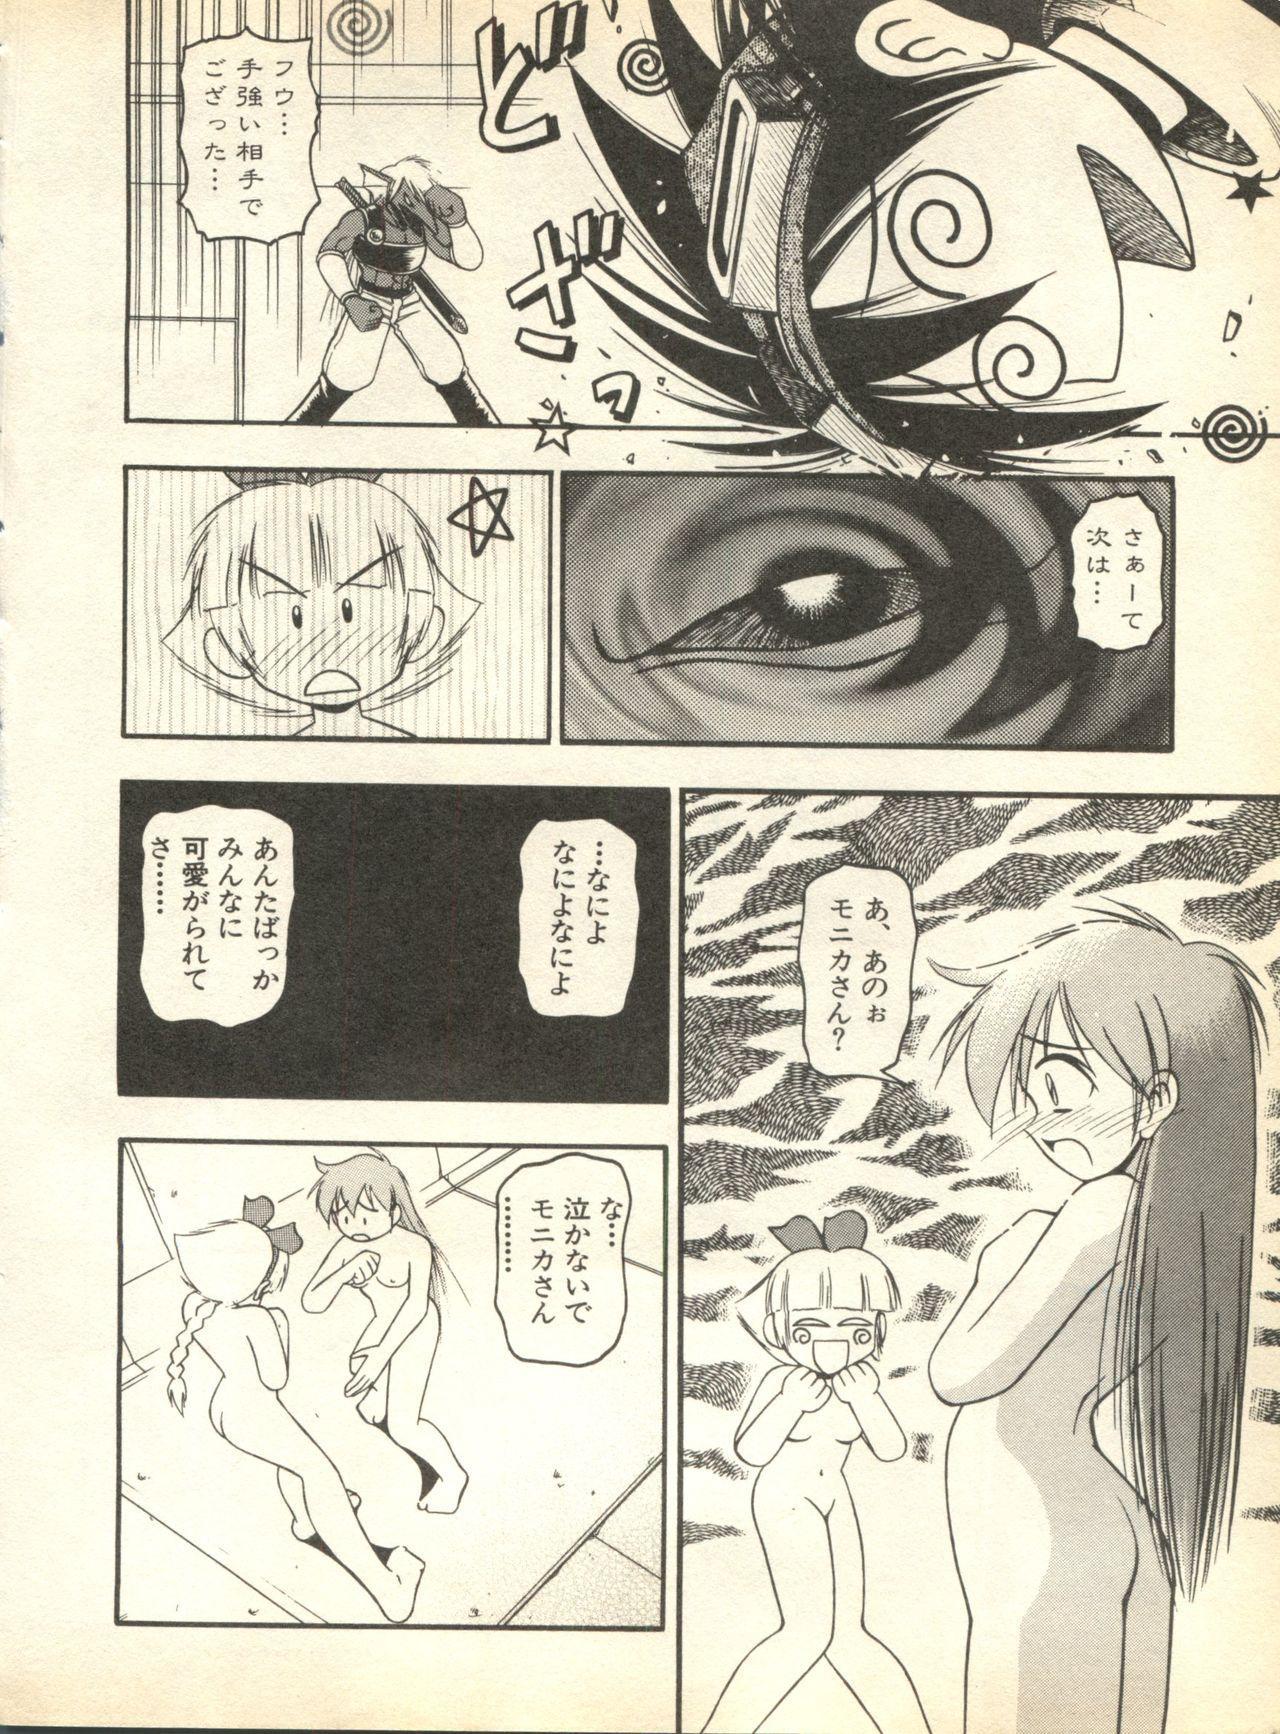 Pai;kuu 1998 October Vol. 13 105